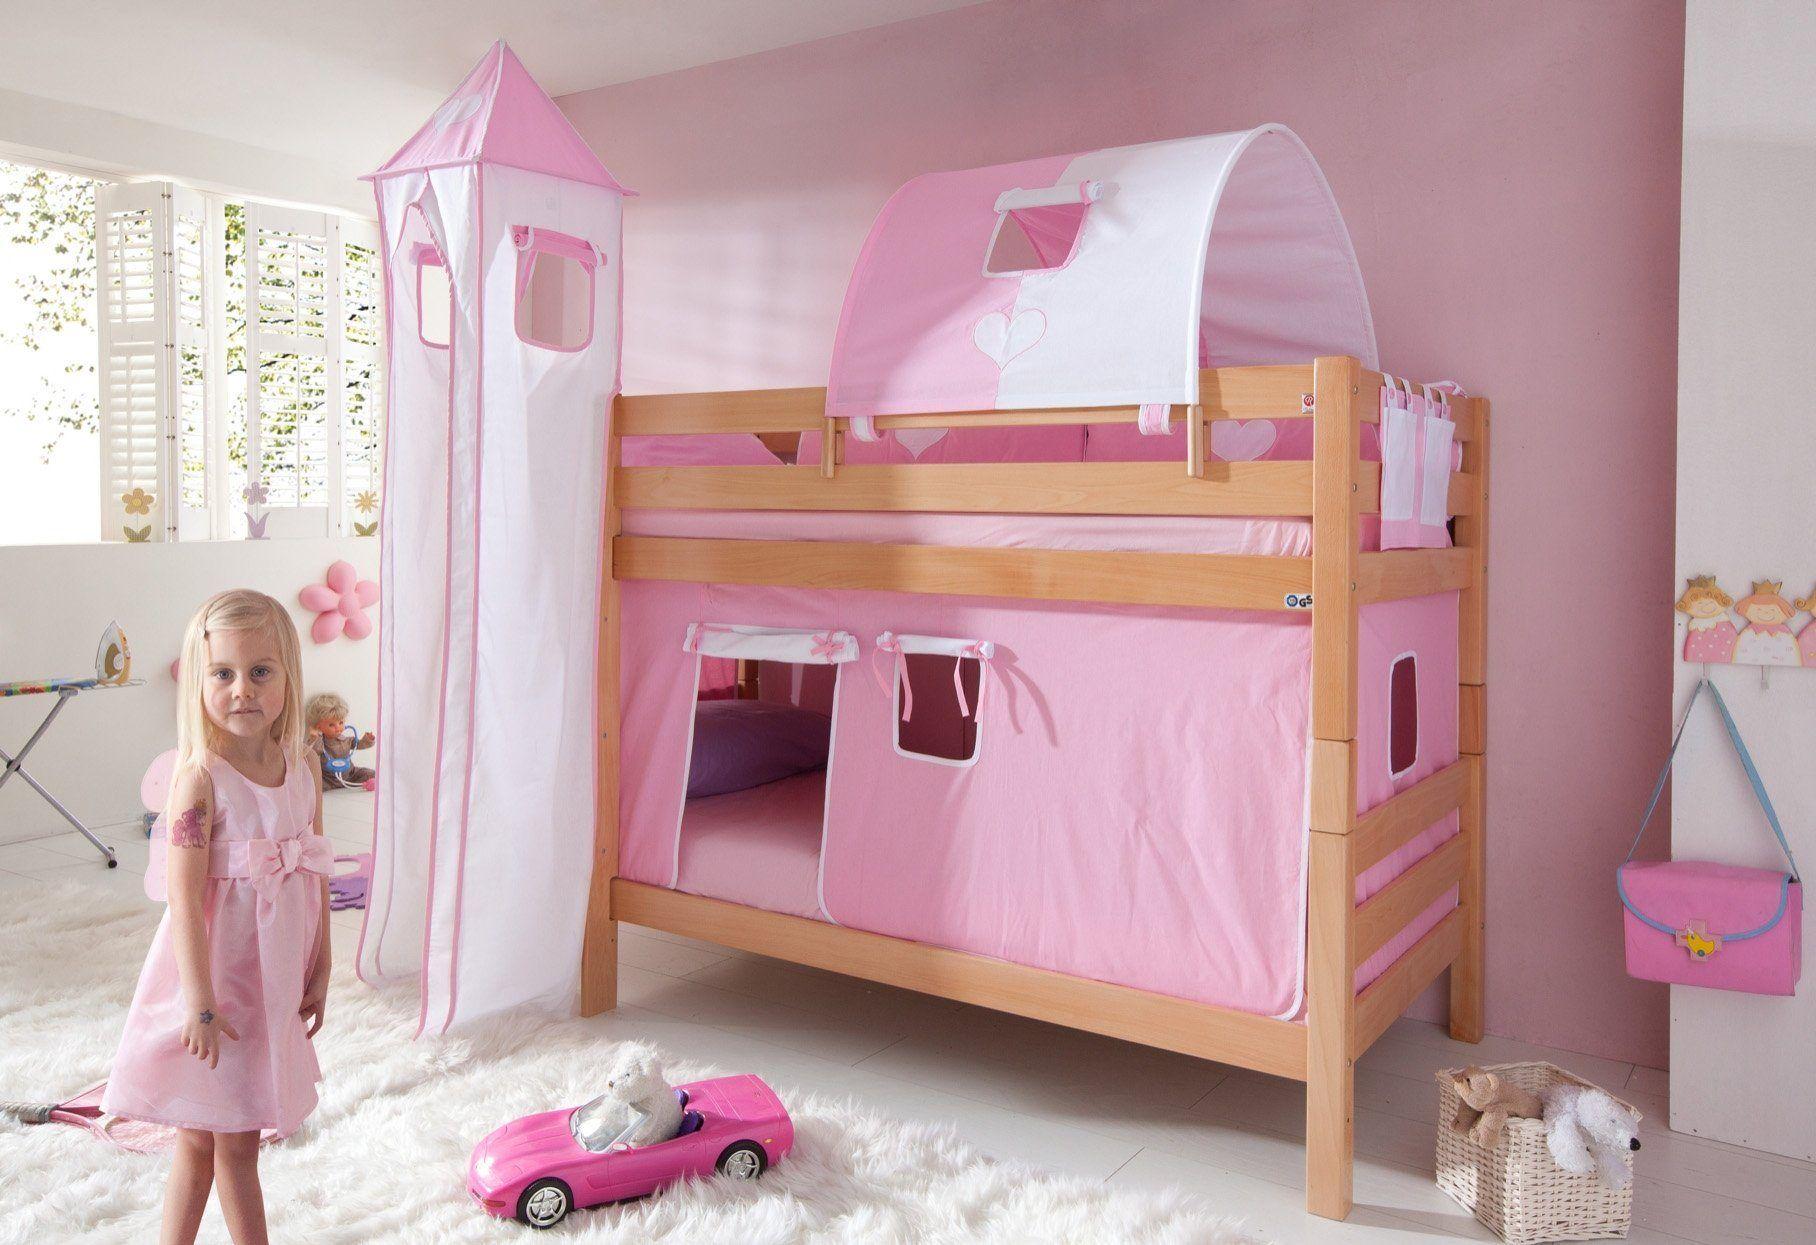 Etagenbett Rosa : Hoch etagenbetten von mobi und andere betten für kinderzimmer